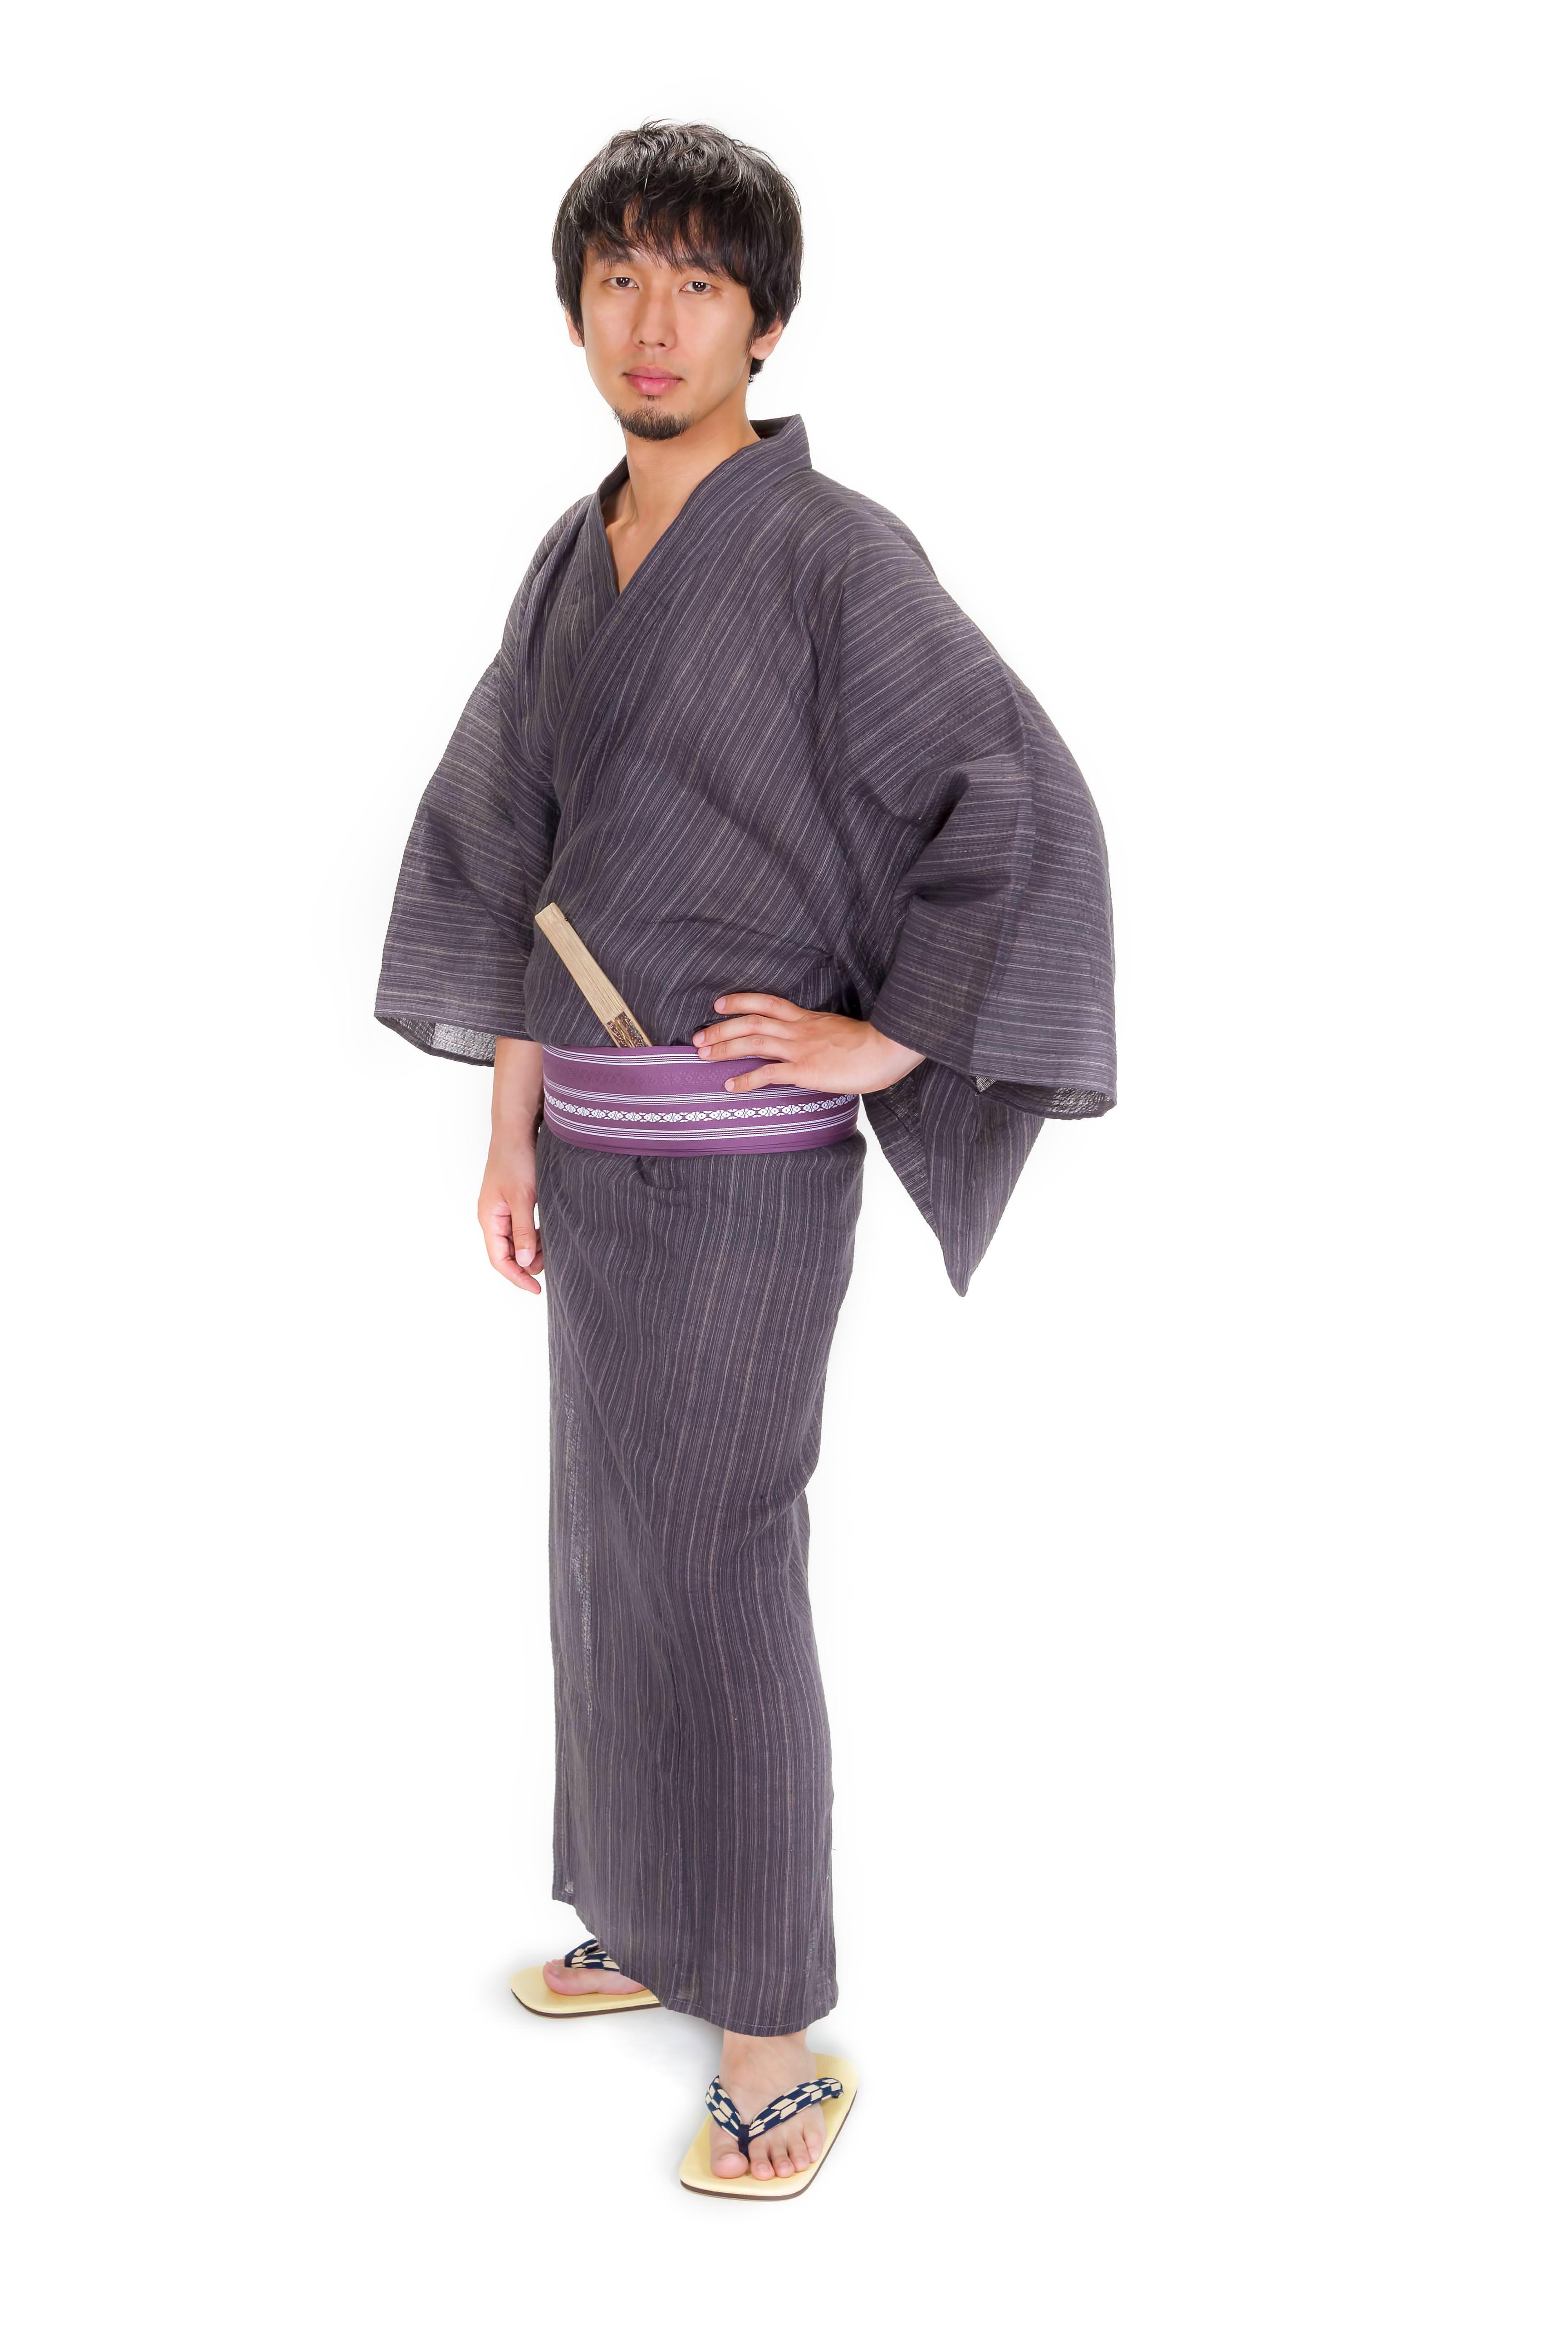 雪駄と浴衣の男性(全身)のフリー画像(写真) モデル:大川竜弥